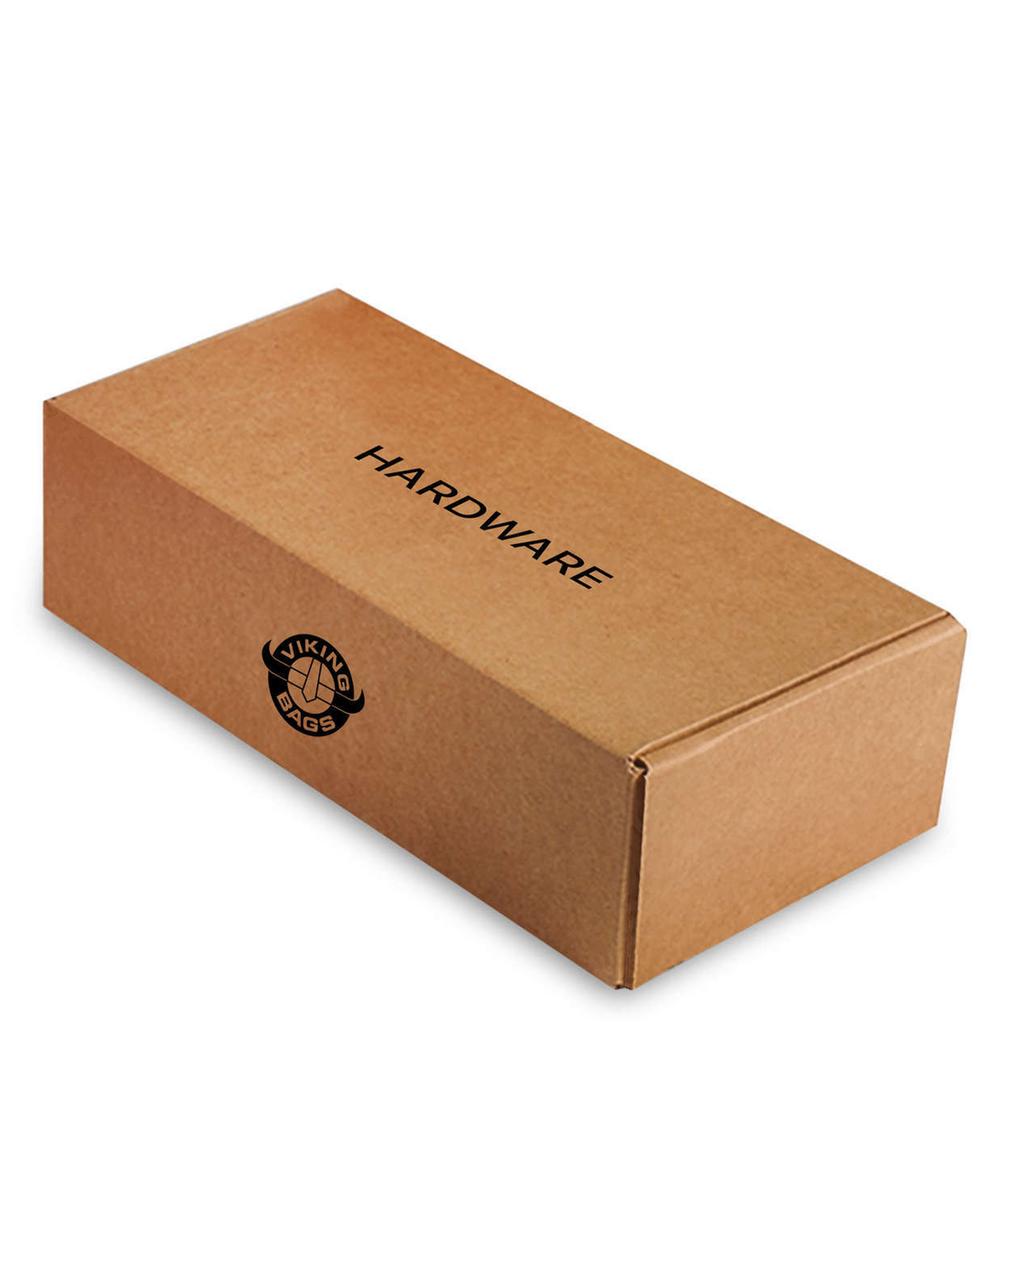 Honda 1100 Shadow Sabre Uni Warrior Slant Large Motorcycle Saddlebags Hardware Box